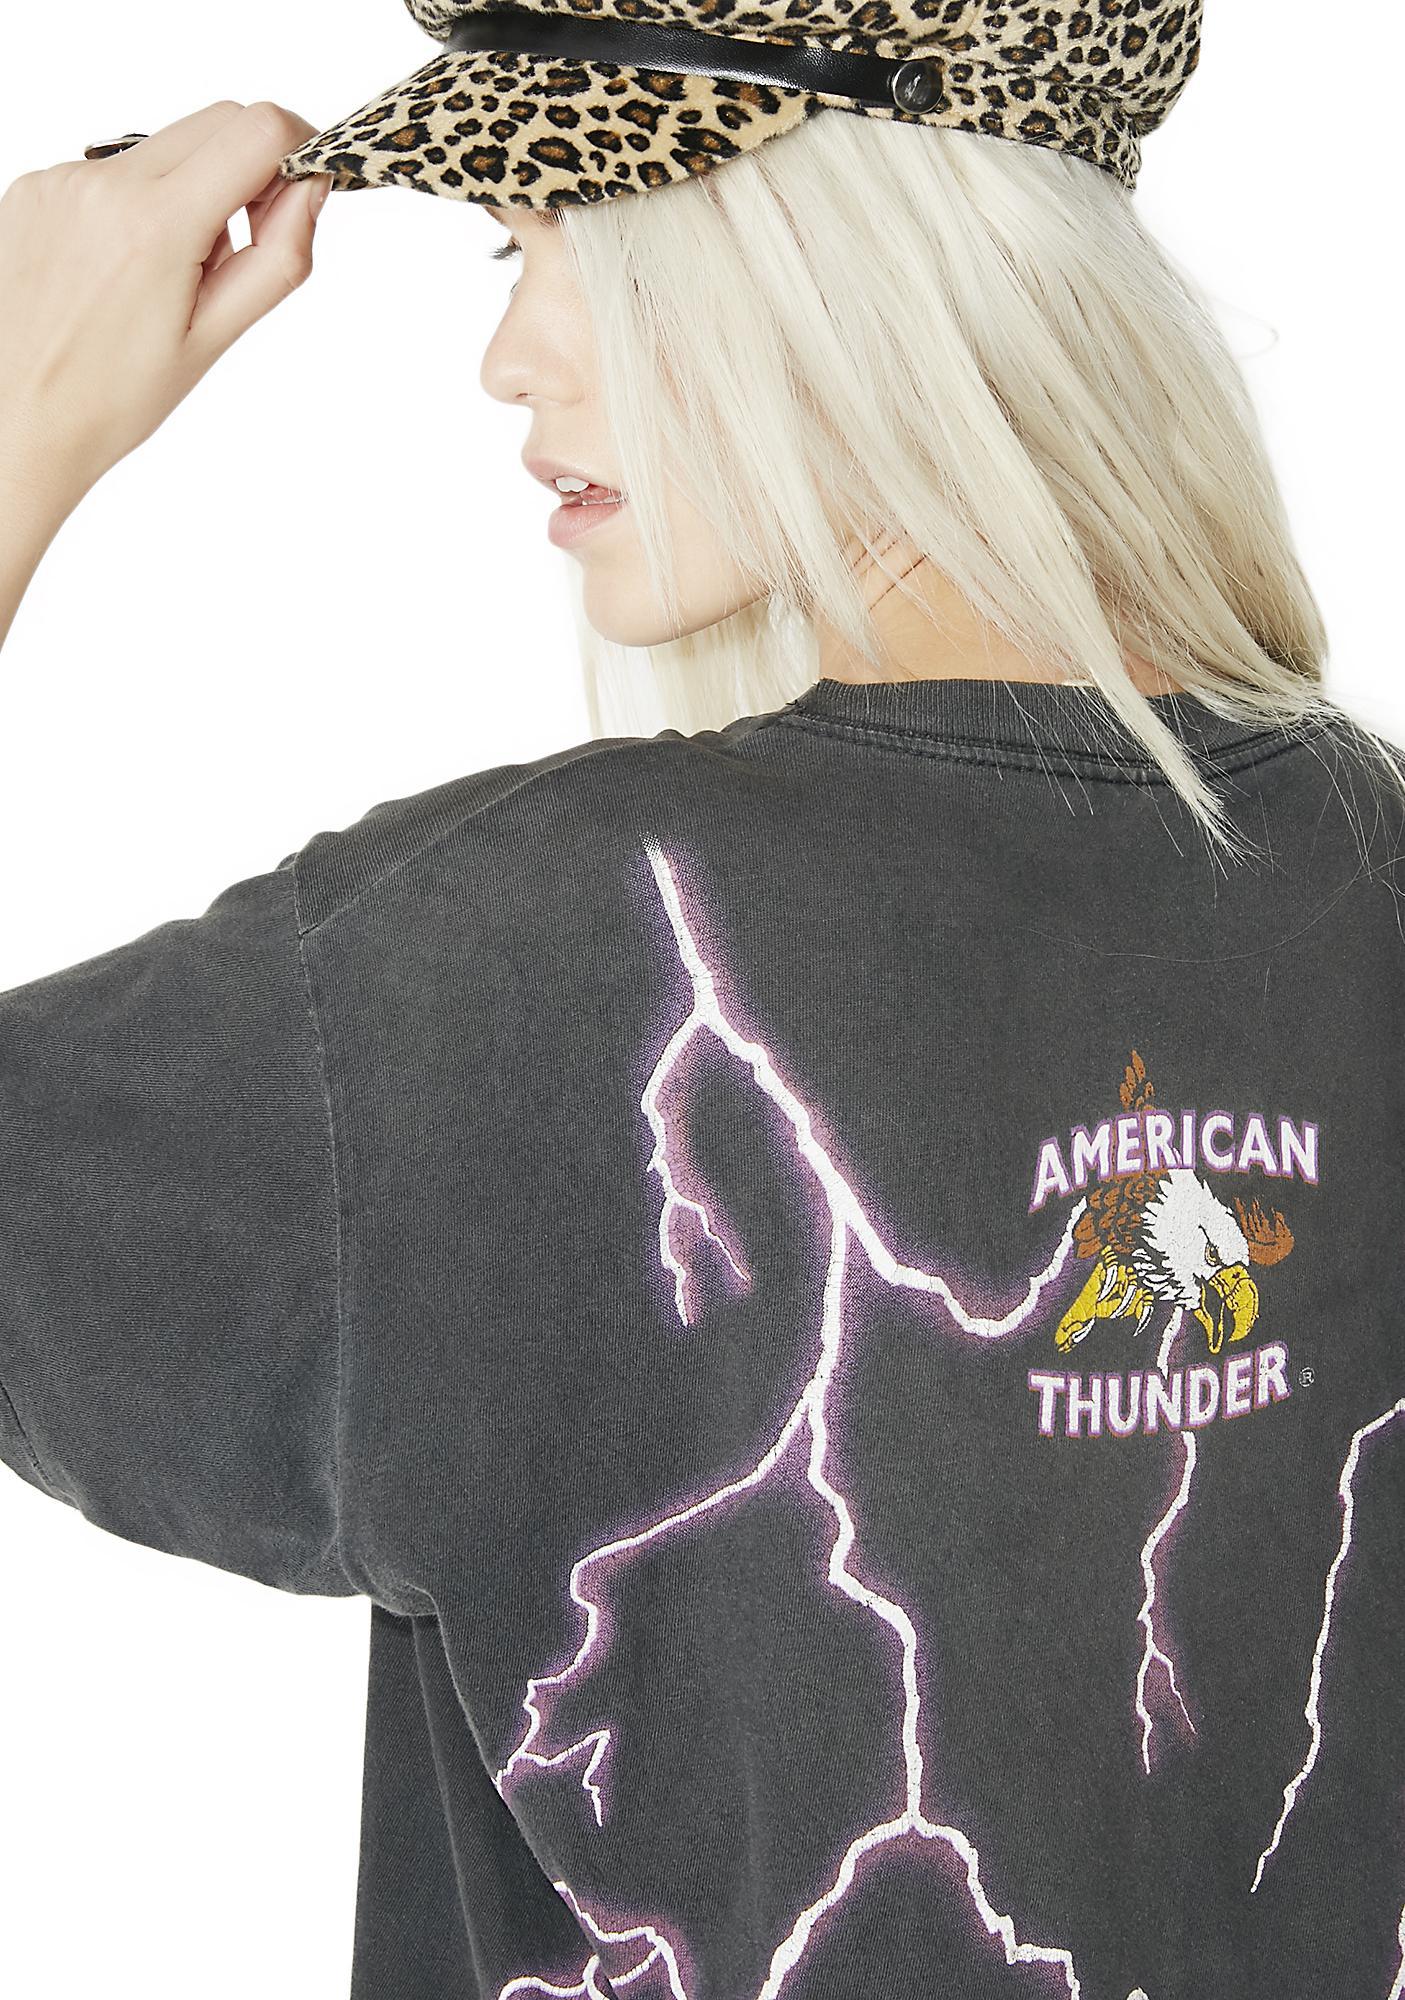 Vintage American Thunder Tee